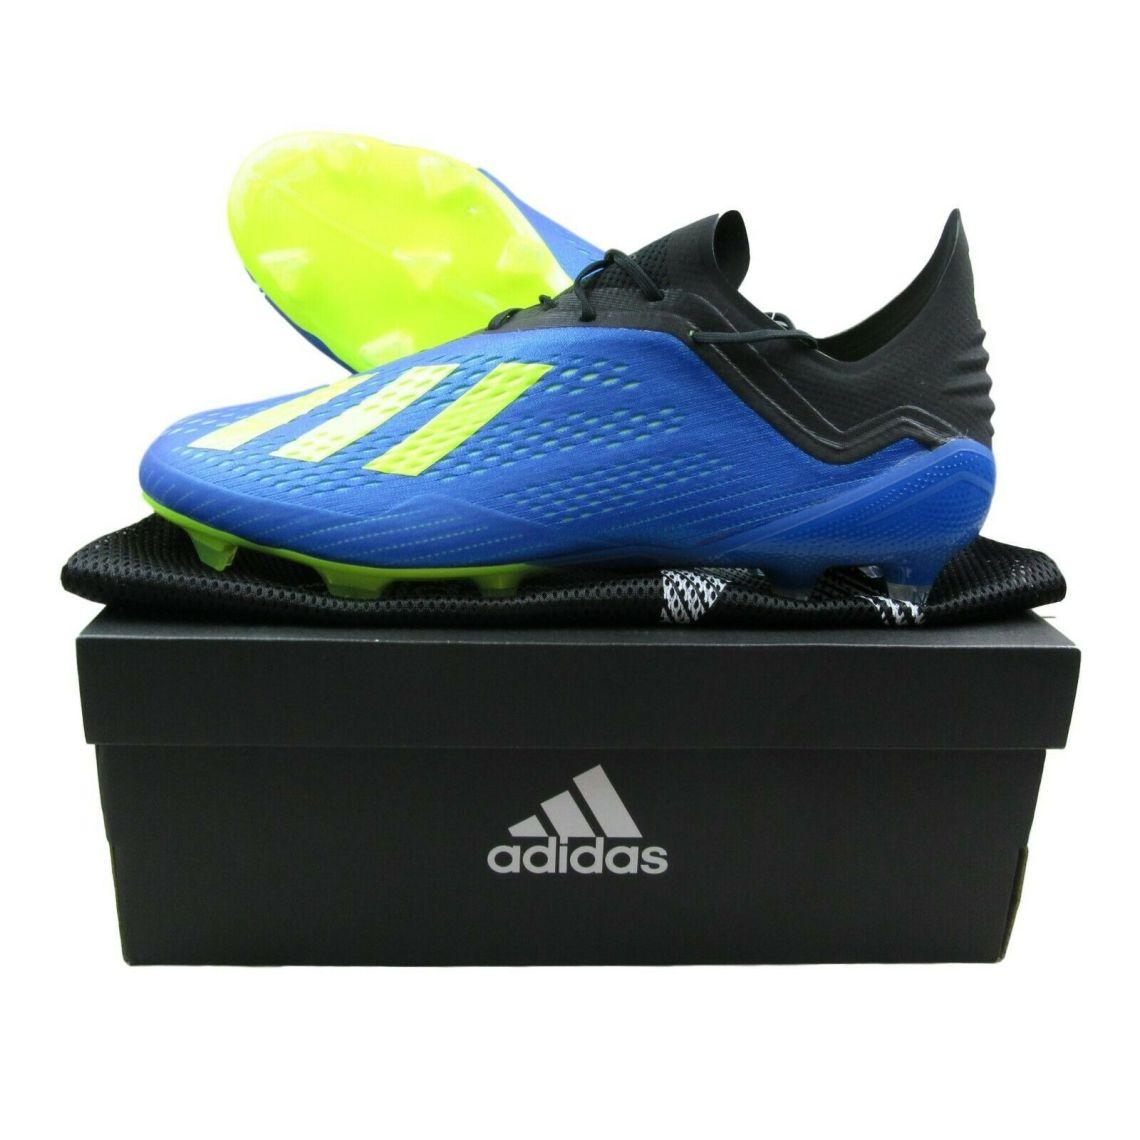 Adidas X 181 1